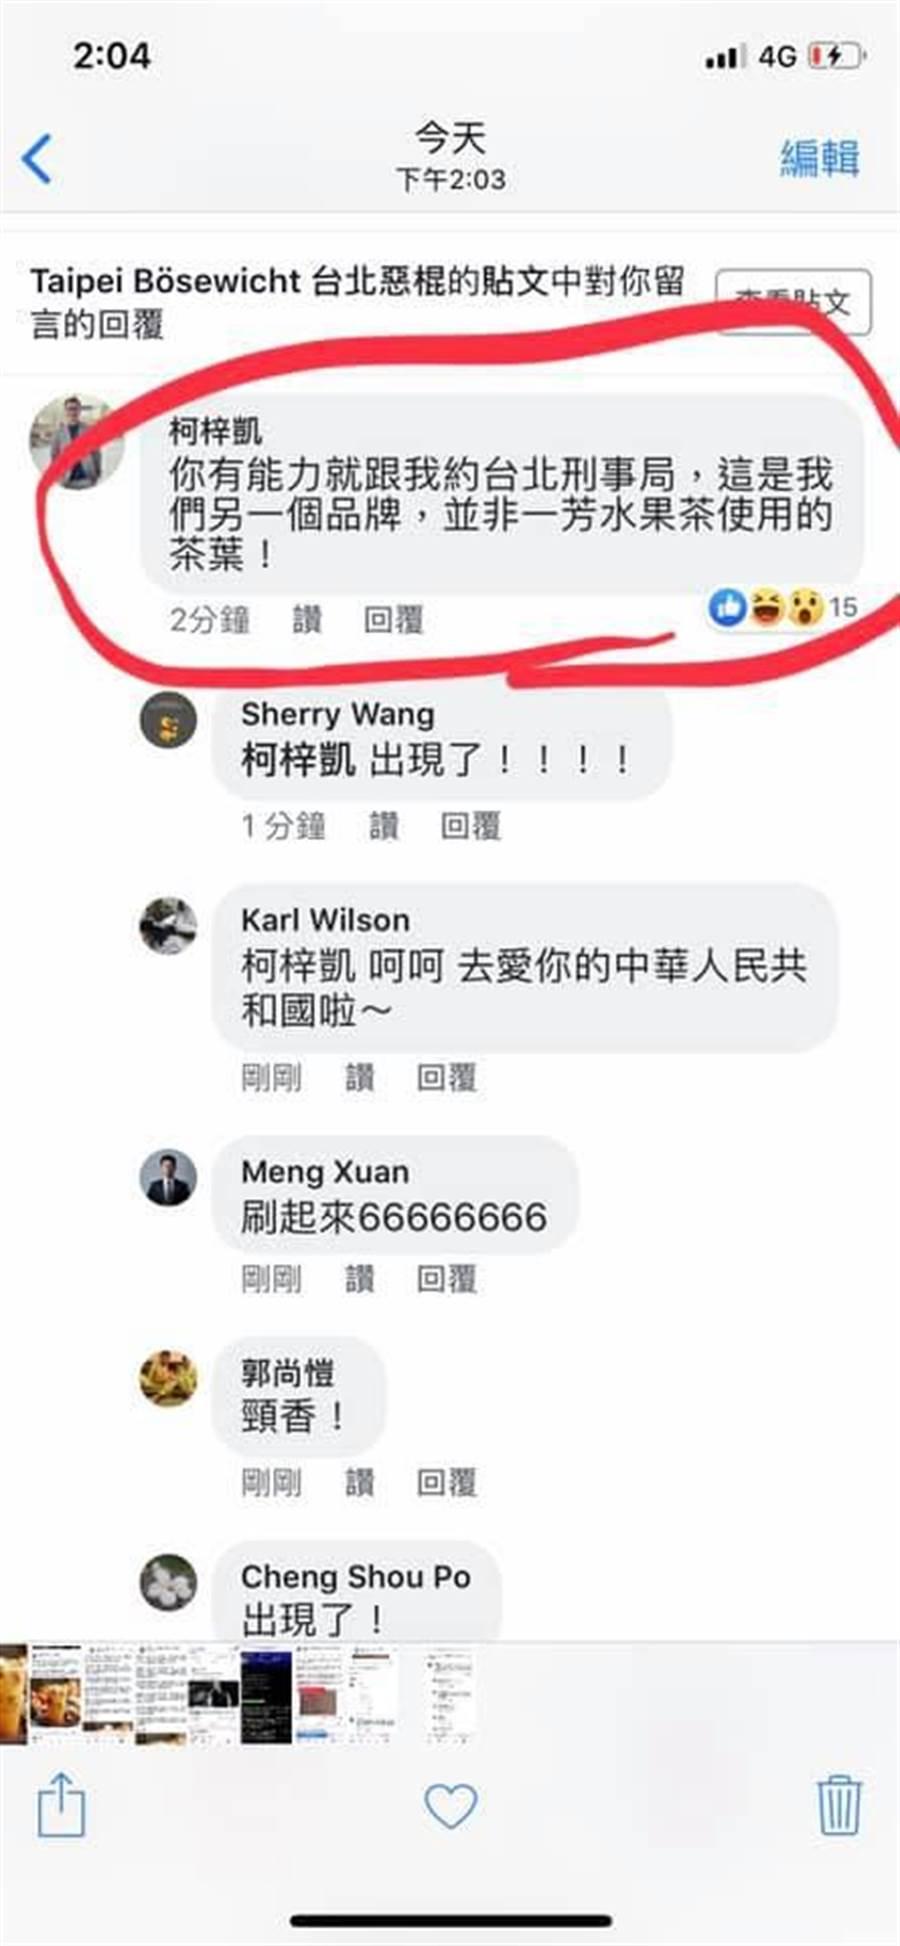 柯梓凱在「台北惡棍」粉絲團回嗆指控,「有能力就跟我約台北刑事局!」(翻攝柯梓凱臉書)